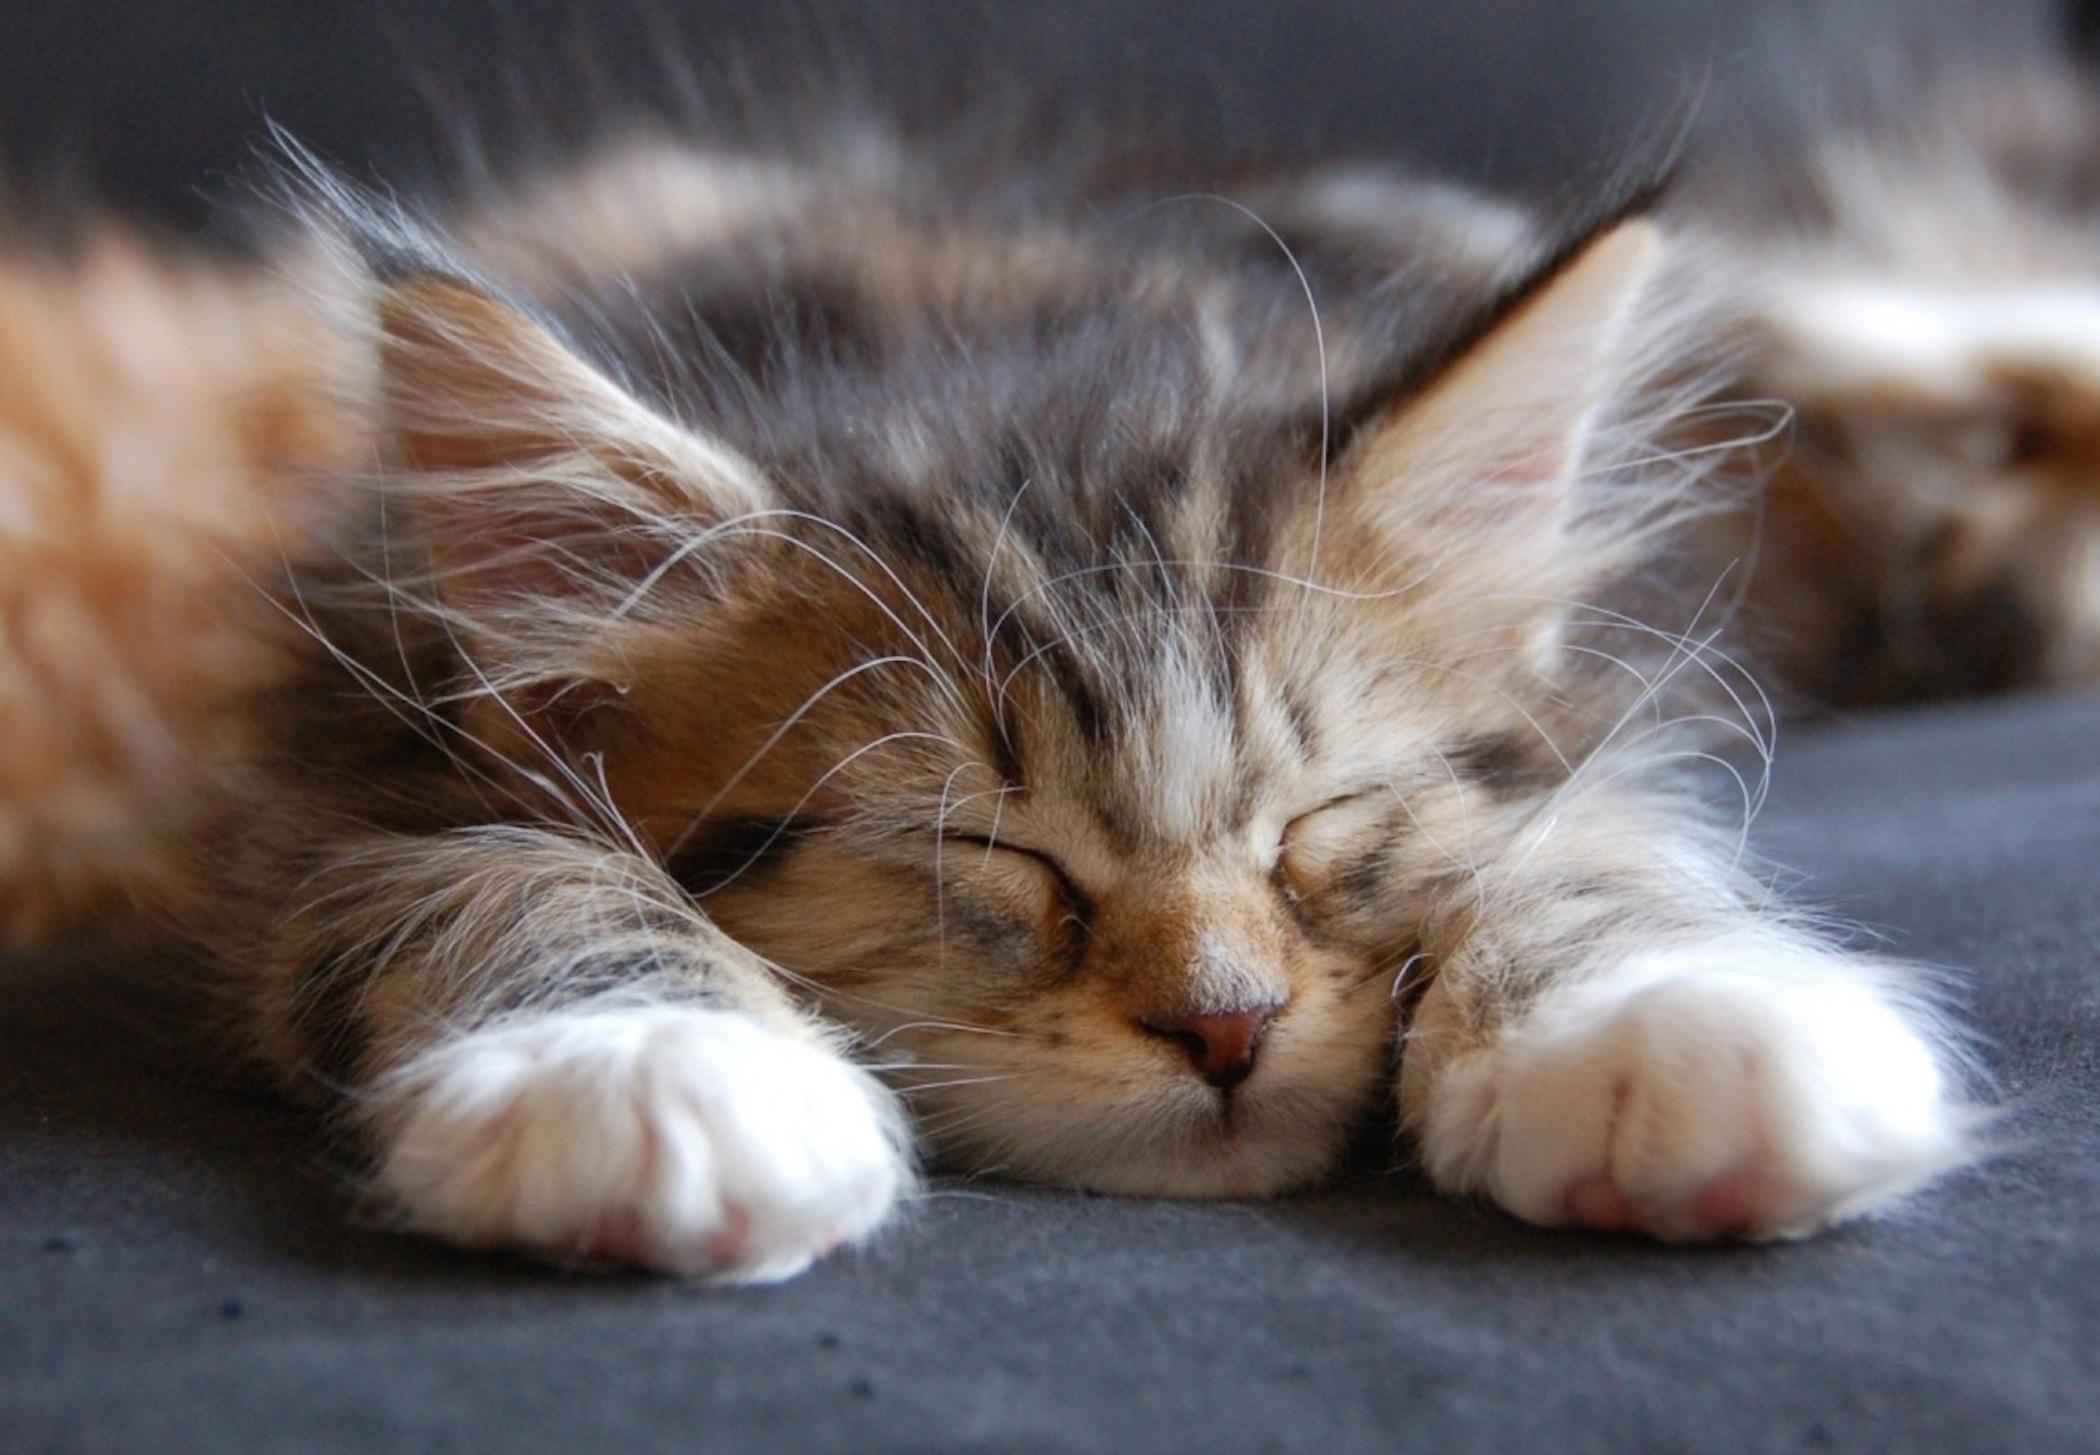 Cute Mice Wallpaper Cute Maine Coon Kitten Sleeping Wallpaper Hd Free